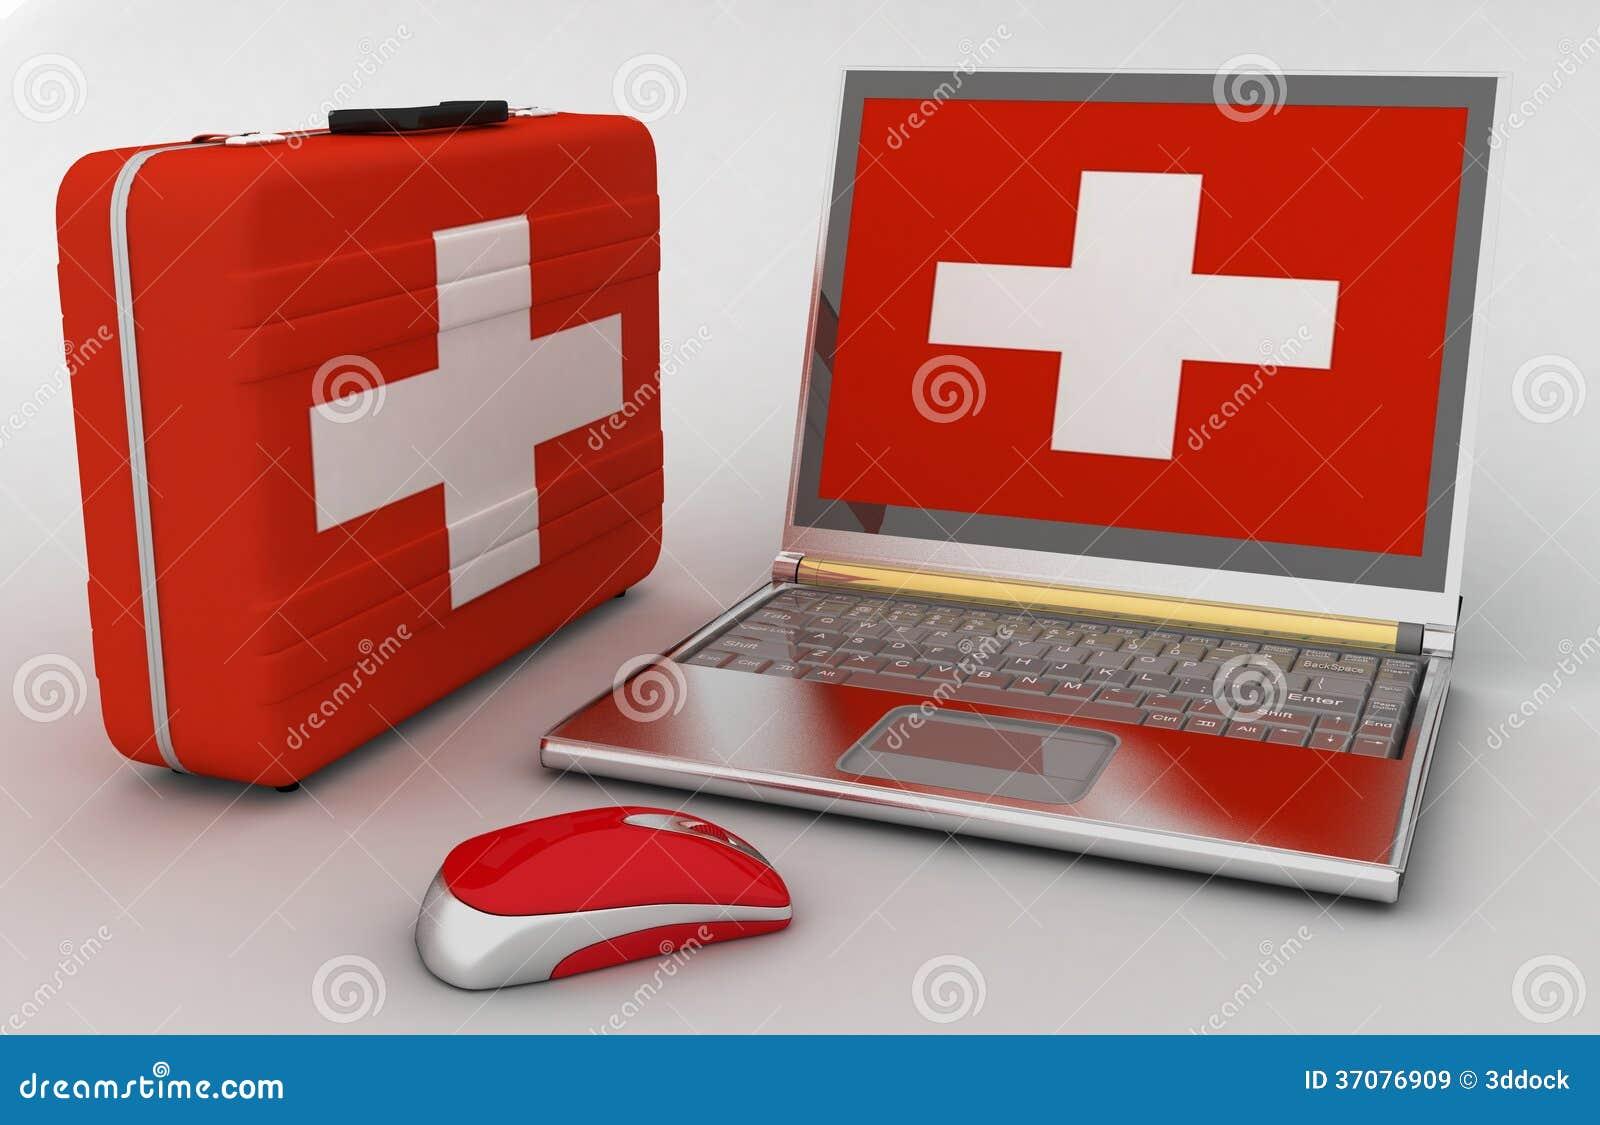 Download Pojęcie Diagnoza I Naprawa Komputer Ilustracji - Ilustracja złożonej z mobile, metal: 37076909